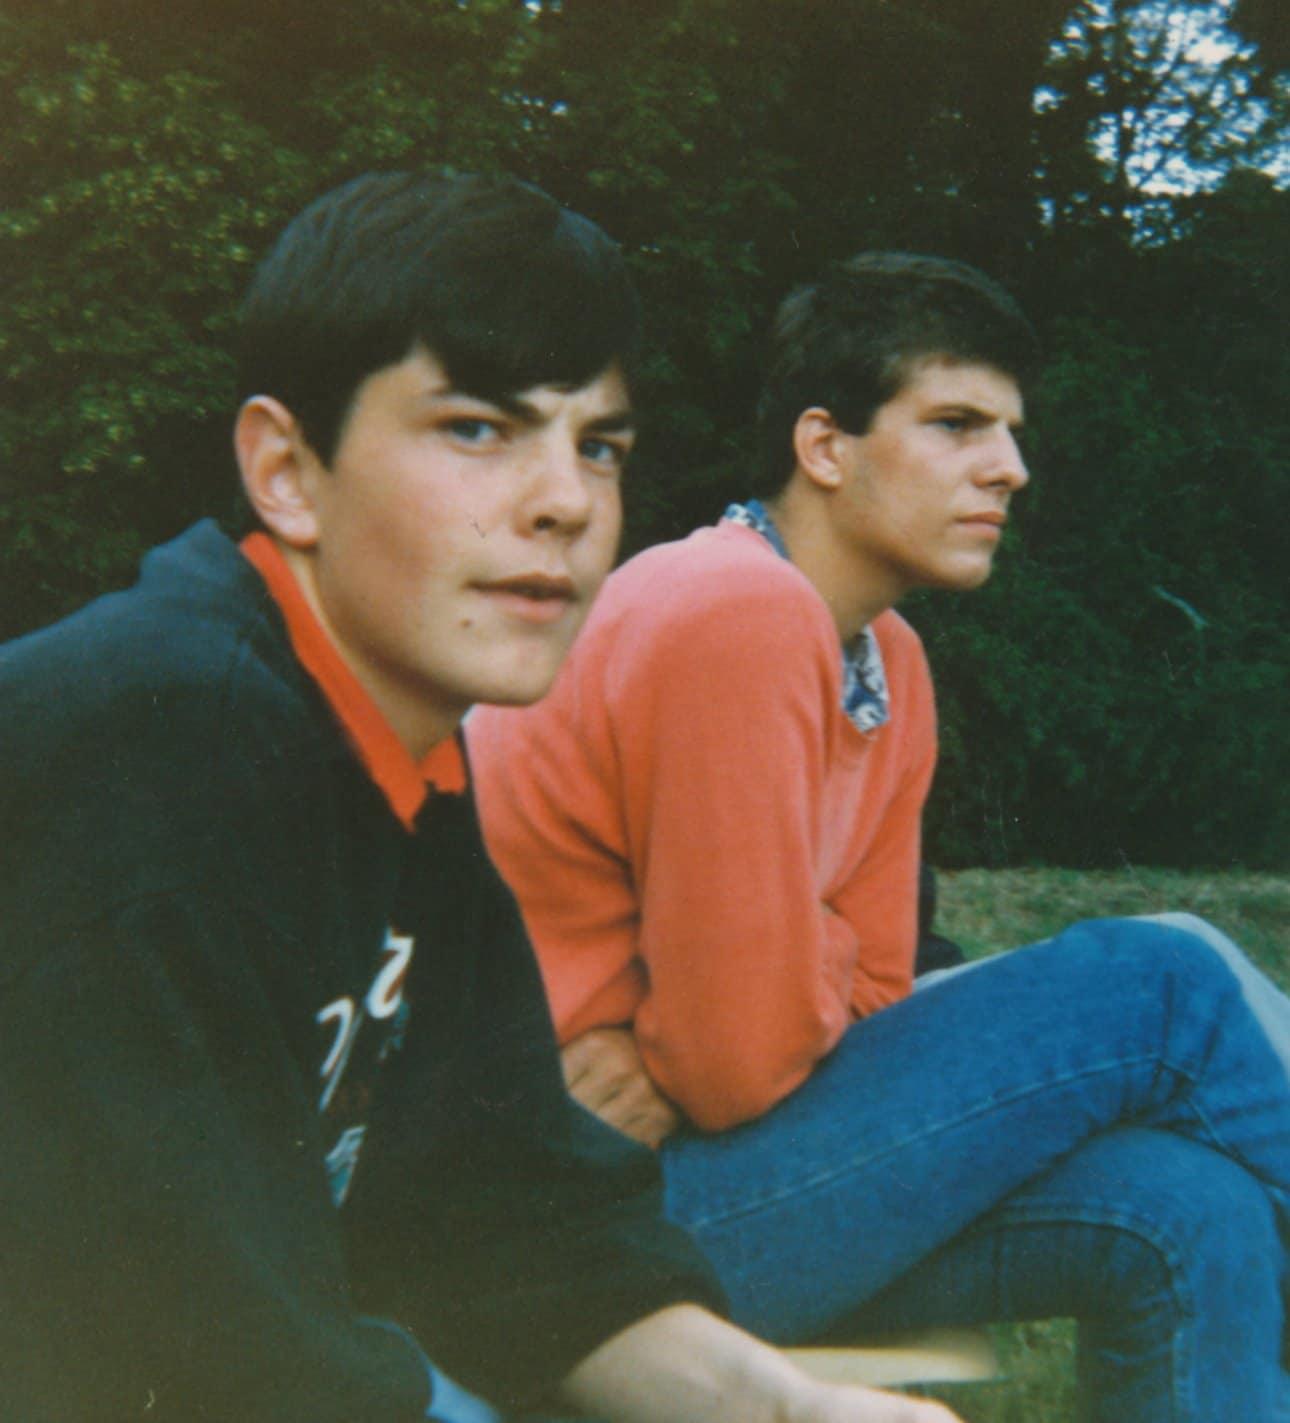 Archives anciens élèves mfr puy-sec 1984 9